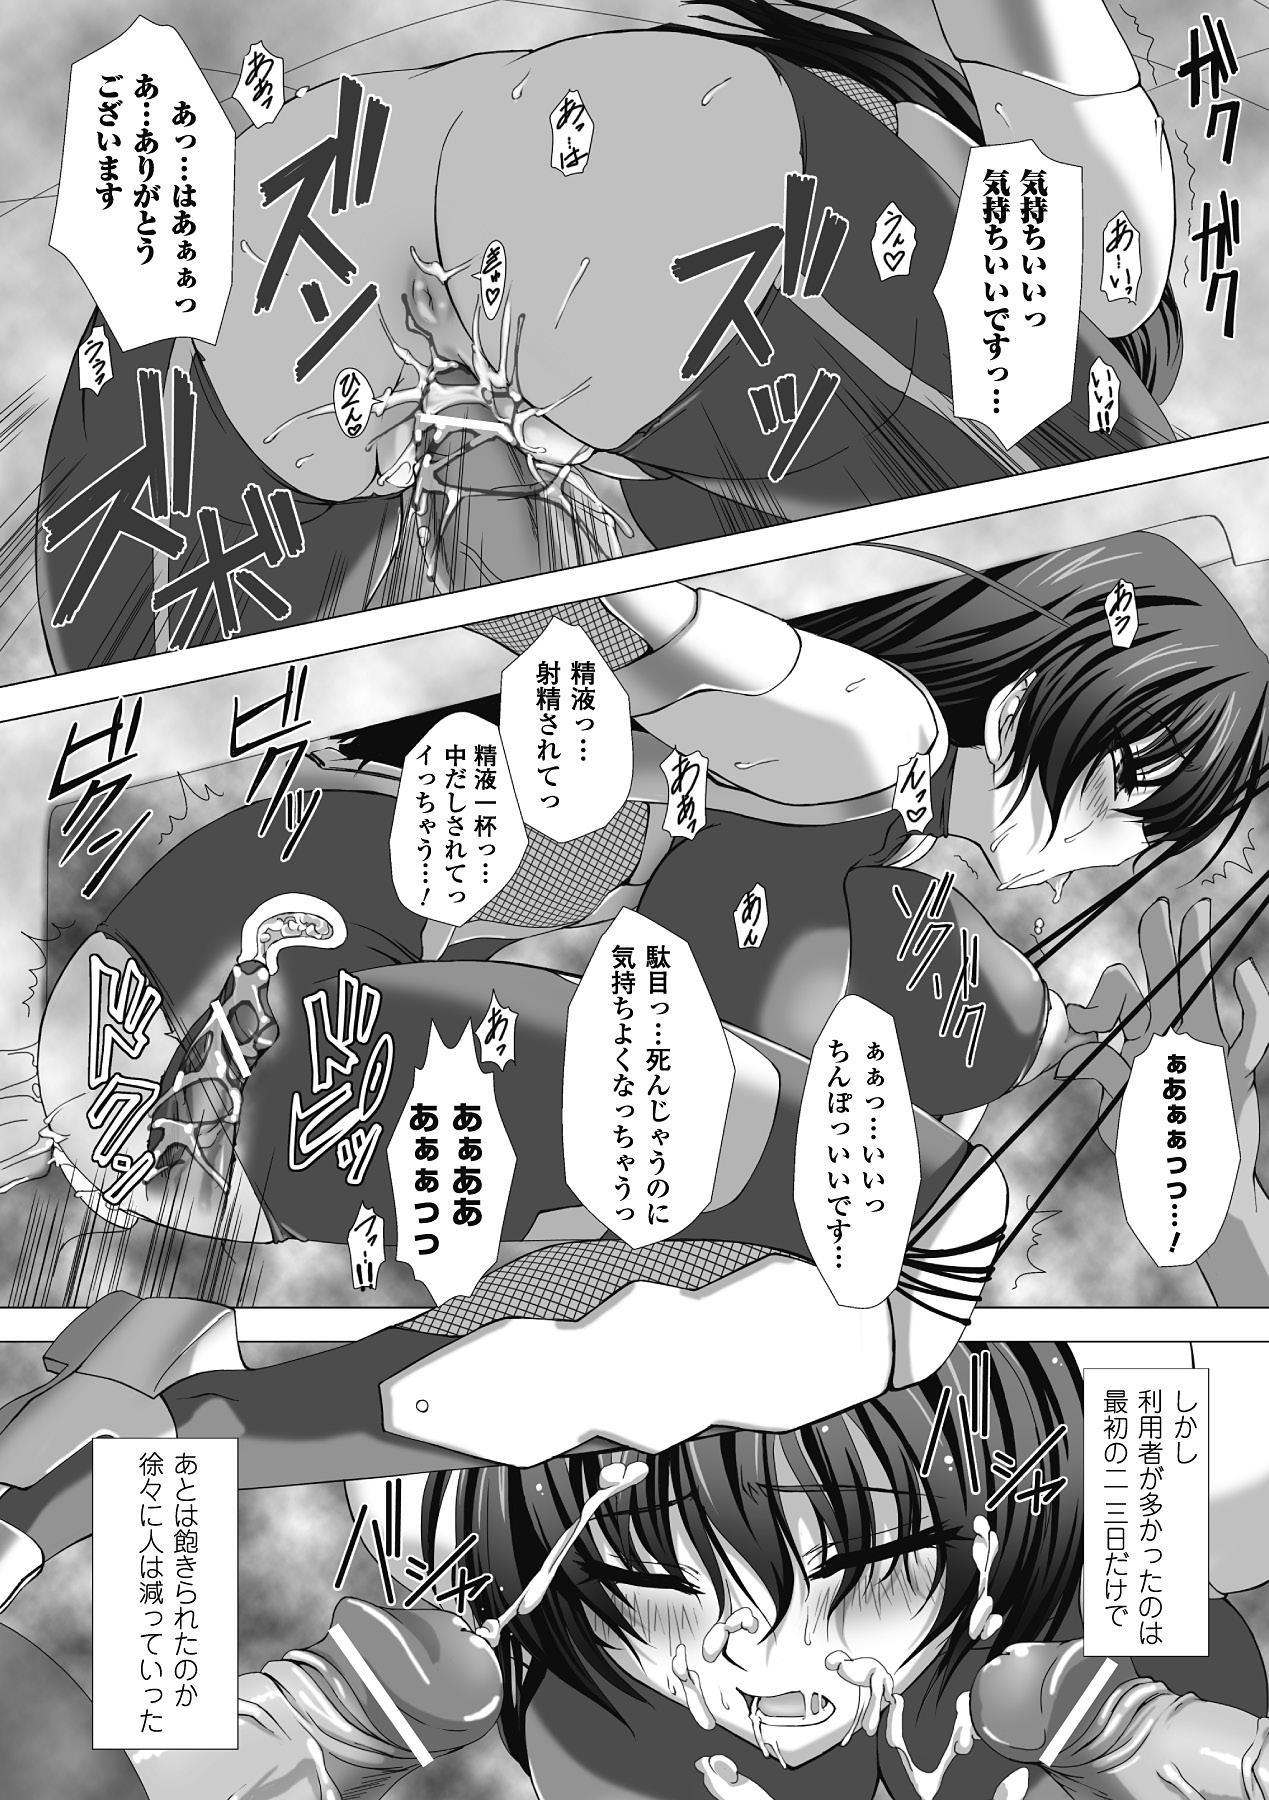 Taimanin Asagi Hajigyaku no Ankokuyuugi THE COMIC 113